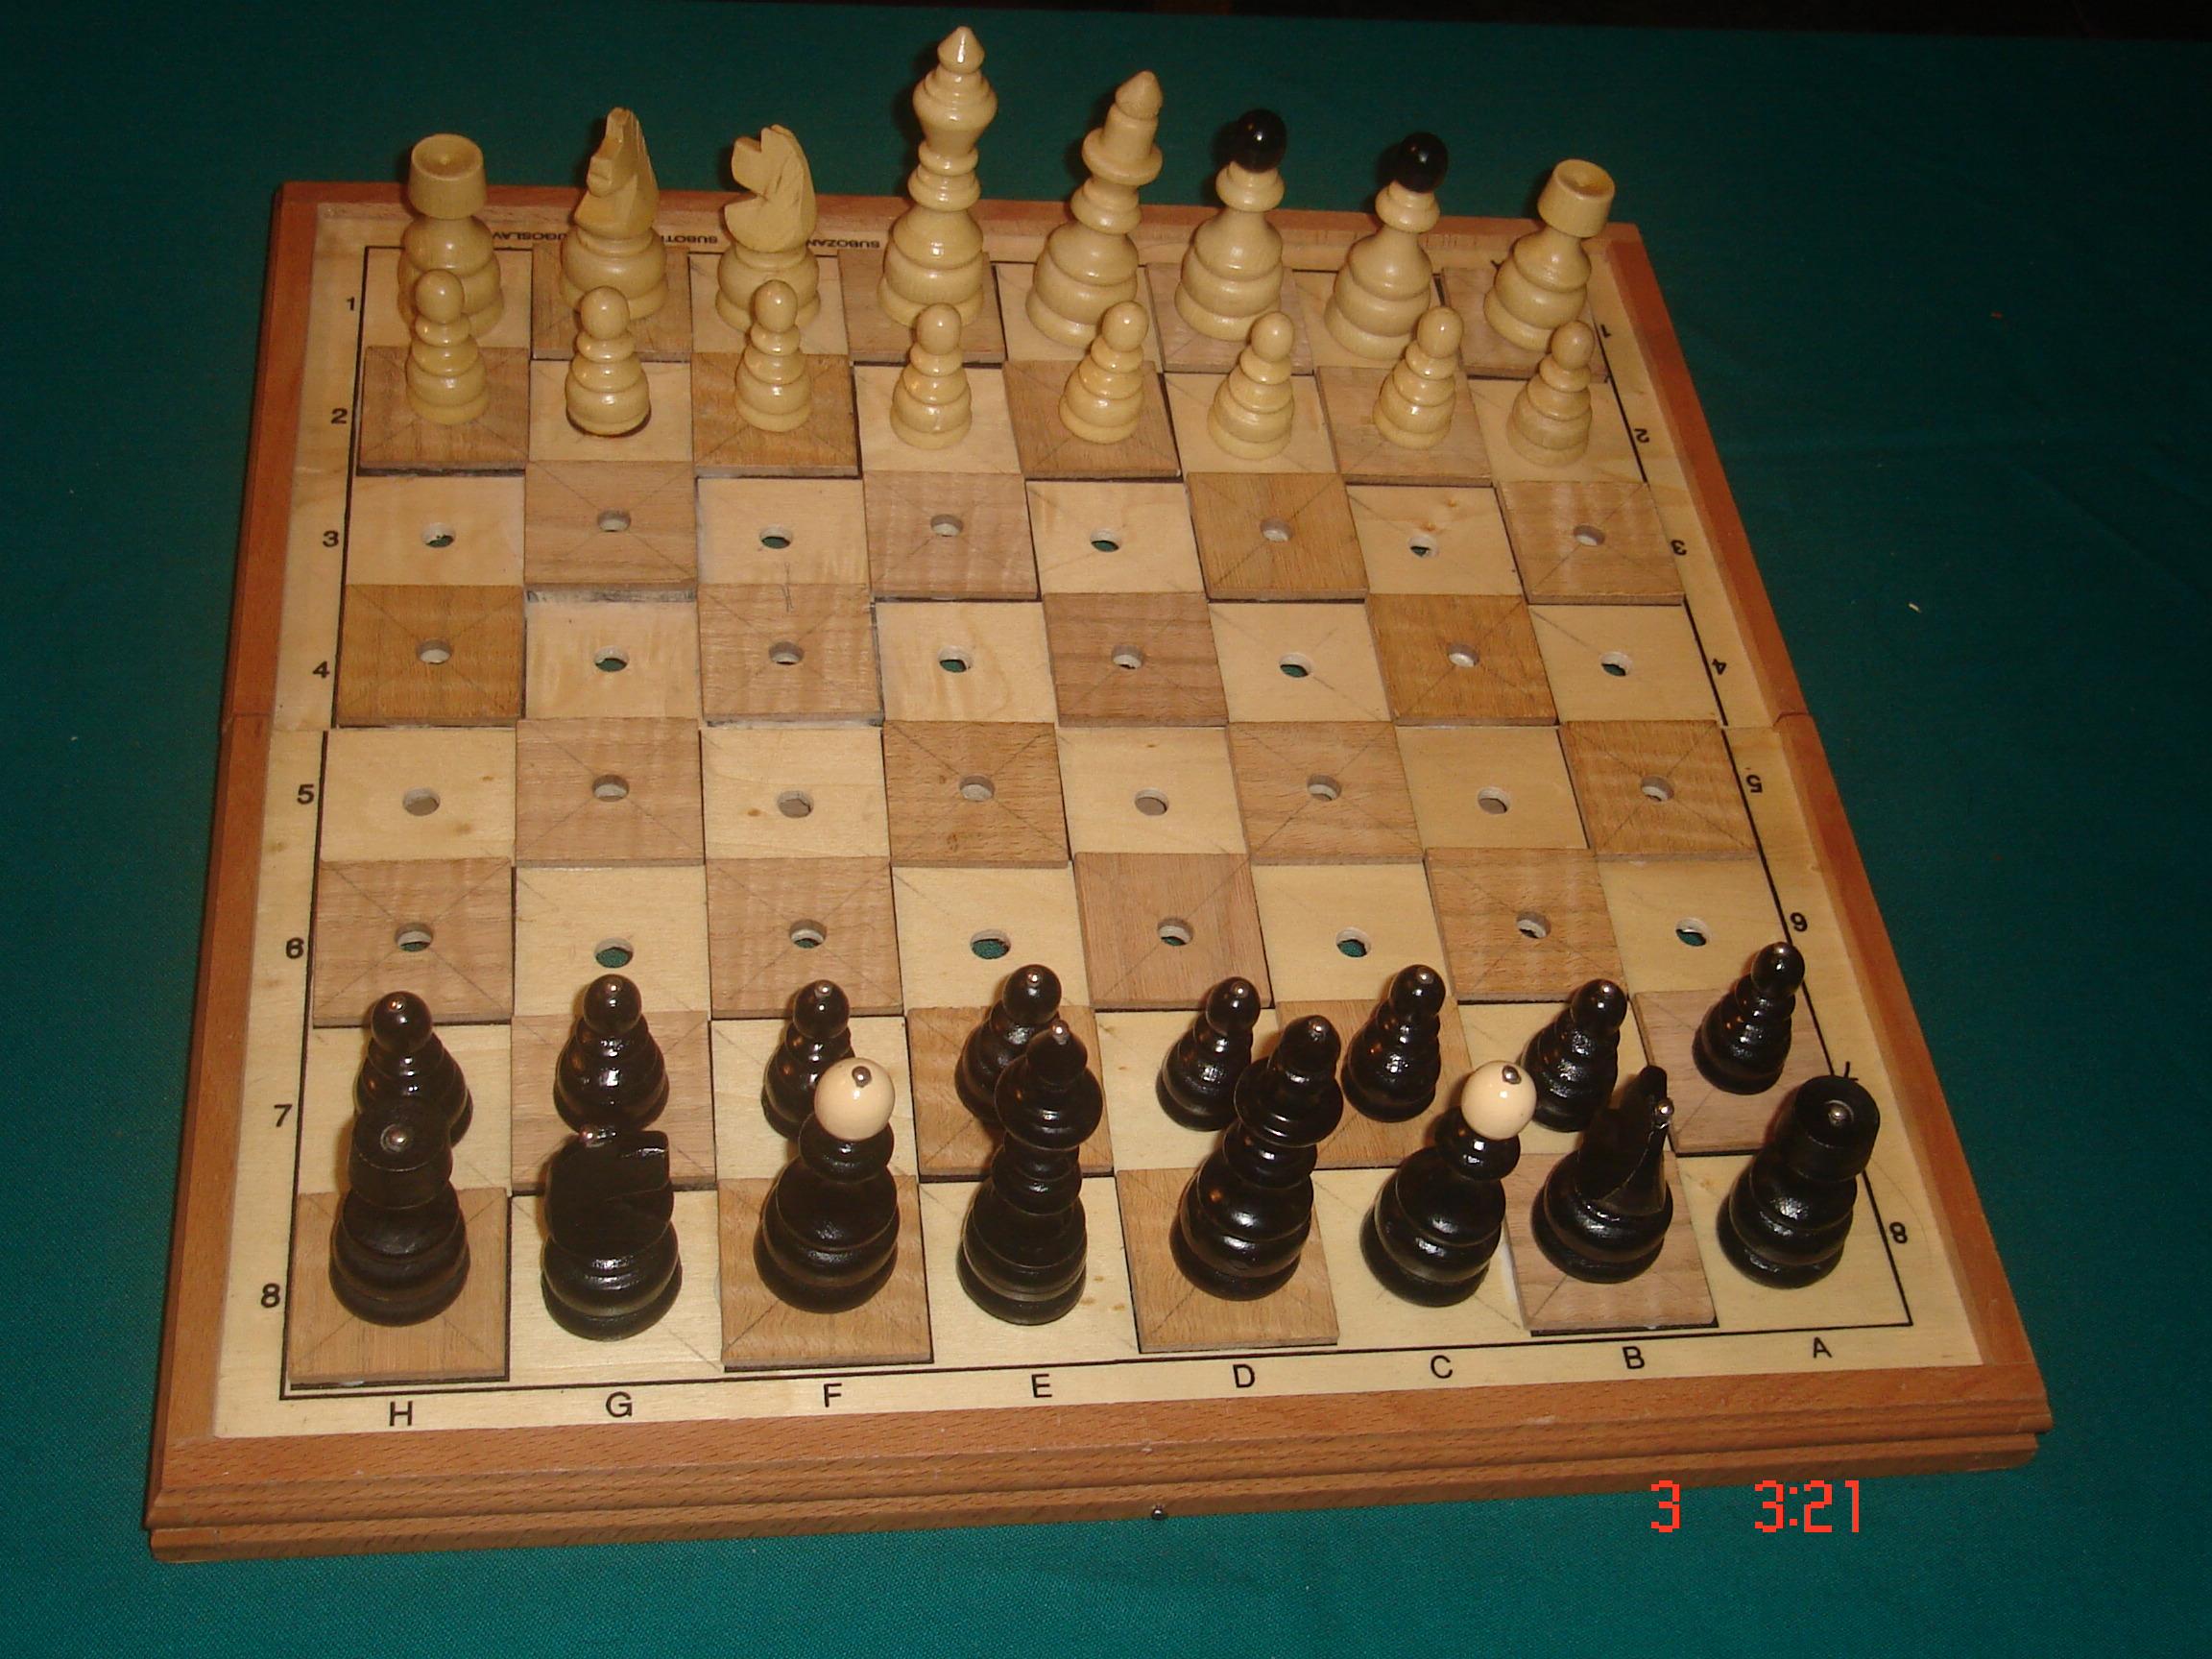 Kampionati i 8-te i shahut per te verber foto 7